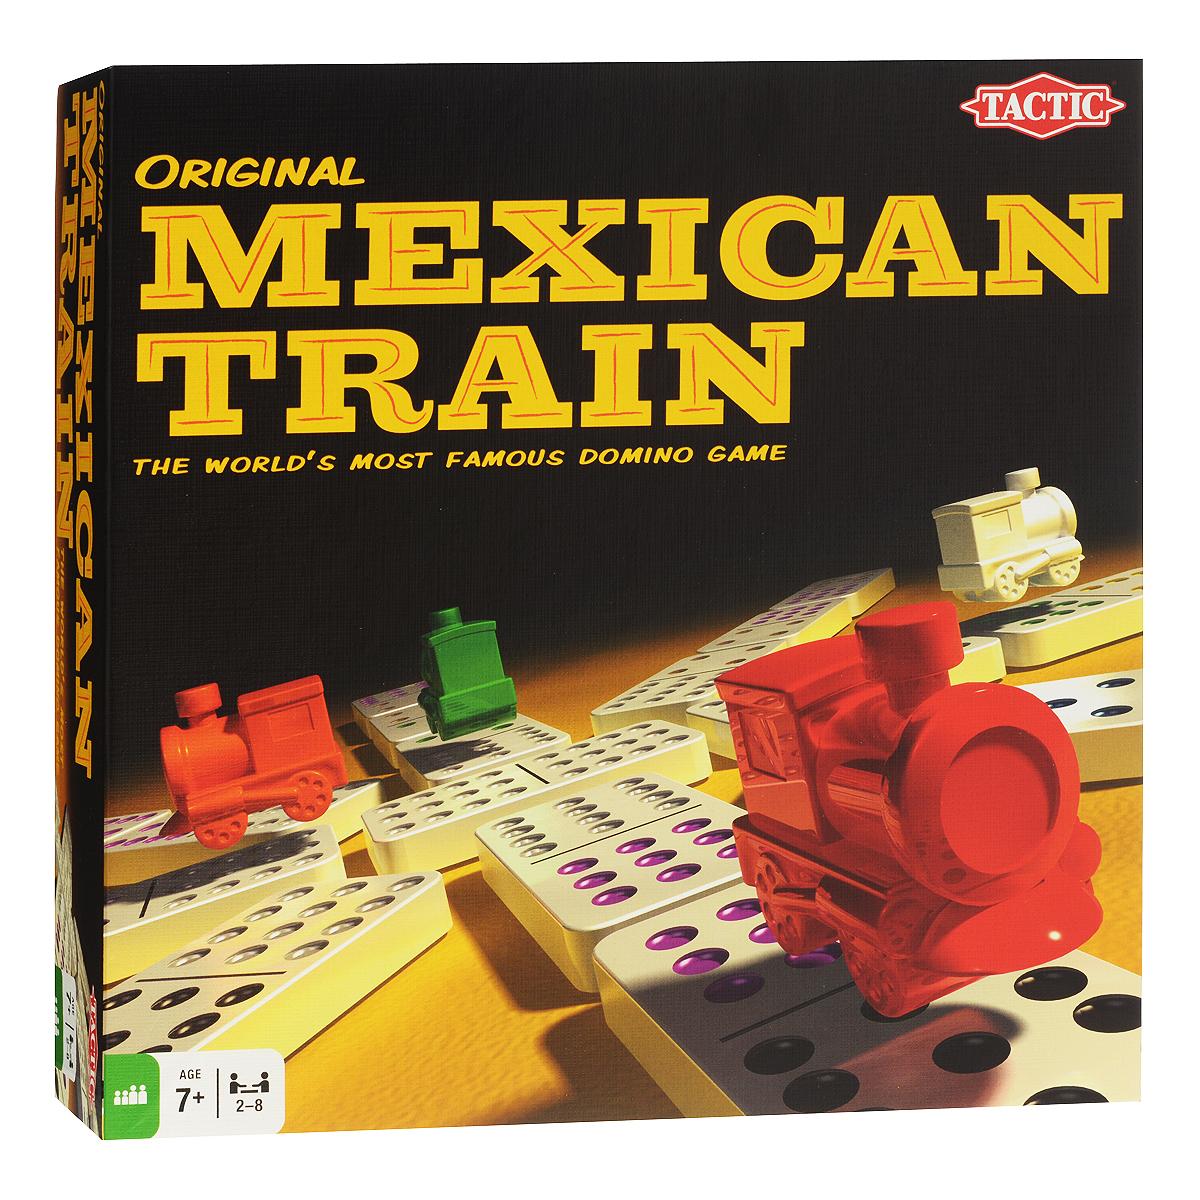 Настольная игра Tactic Games Мексиканский поезд02588TНастольная игра Tactic Games Мексиканский поезд – самая популярная игра на основе домино. Цель игры заключается в том, чтобы первым построить свой Мексиканский поезд. Но чтобы построить свой собственный состав из деталей домино, необходимо еще и справиться с множеством препятствий на своем пути. Такая игра внесет разнообразие в вашу вечеринку и увлечет любую компанию. В комплект входит: 91 фишка домино, 8 меток поезда, картонный вокзал, инструкция.